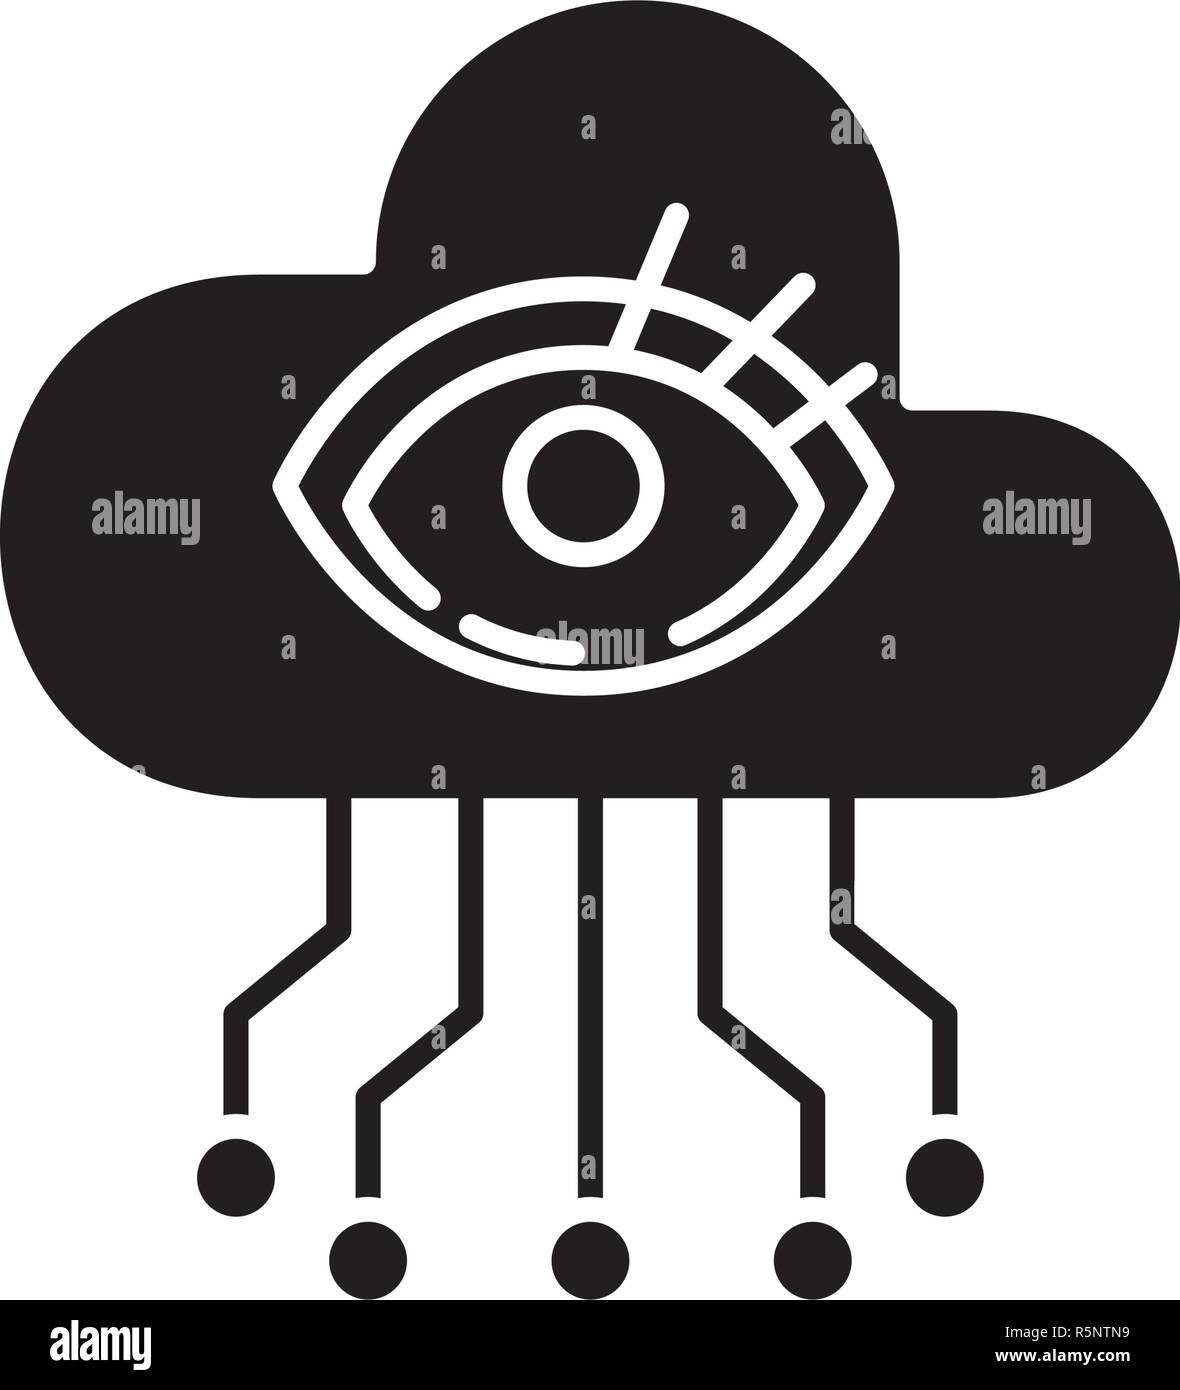 La visualisation de l'intelligence artificielle icône noire, vector signe sur fond isolé. L'intelligence artificielle, illustration symbole concept de visualisation Photo Stock